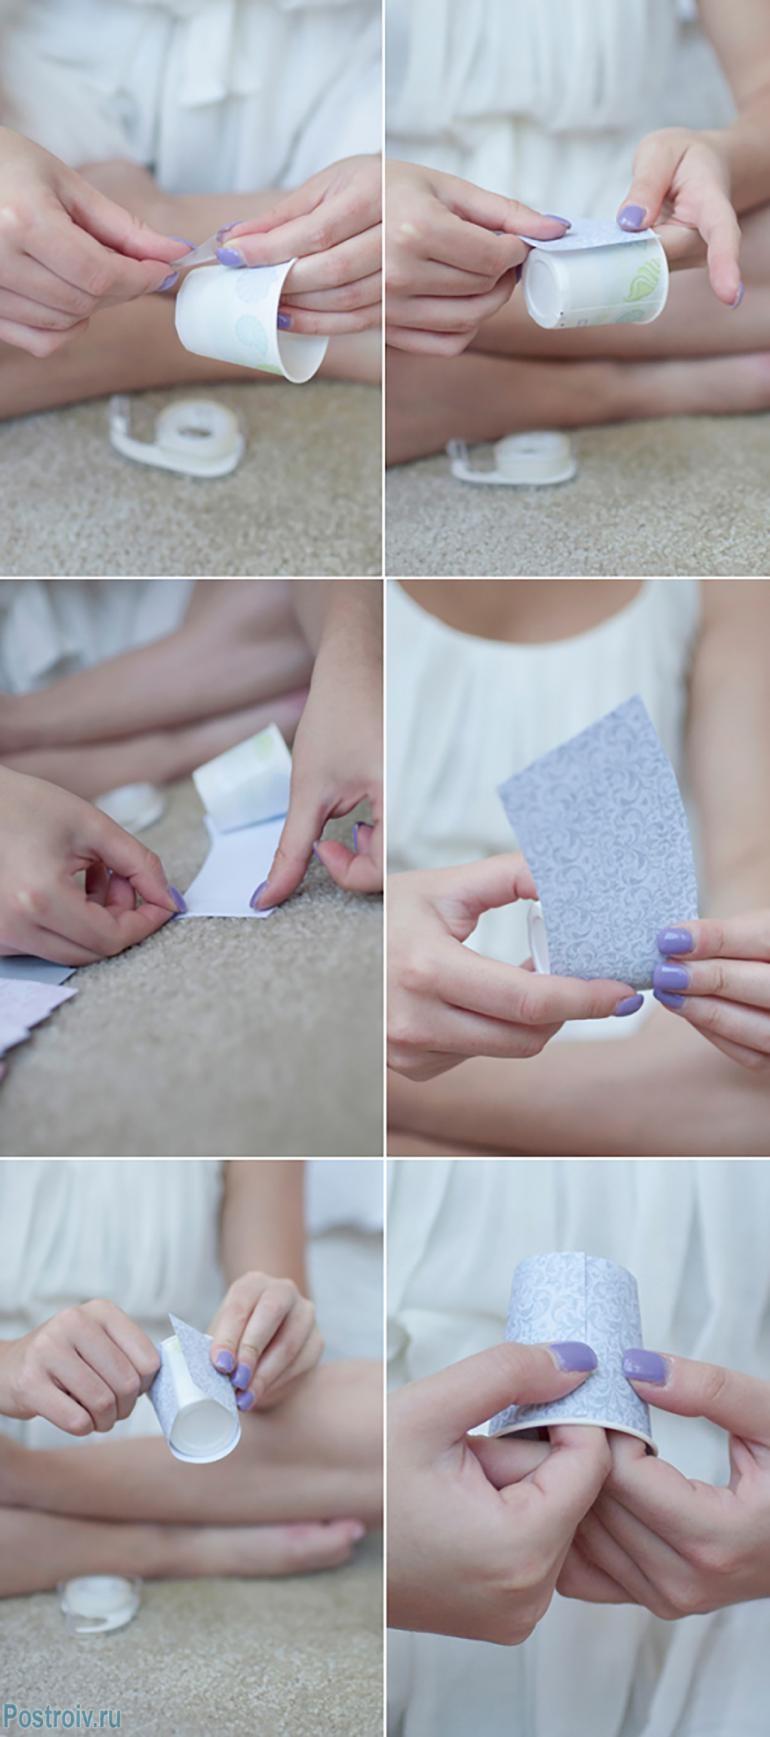 Как сделать гирлянду. Фото 3